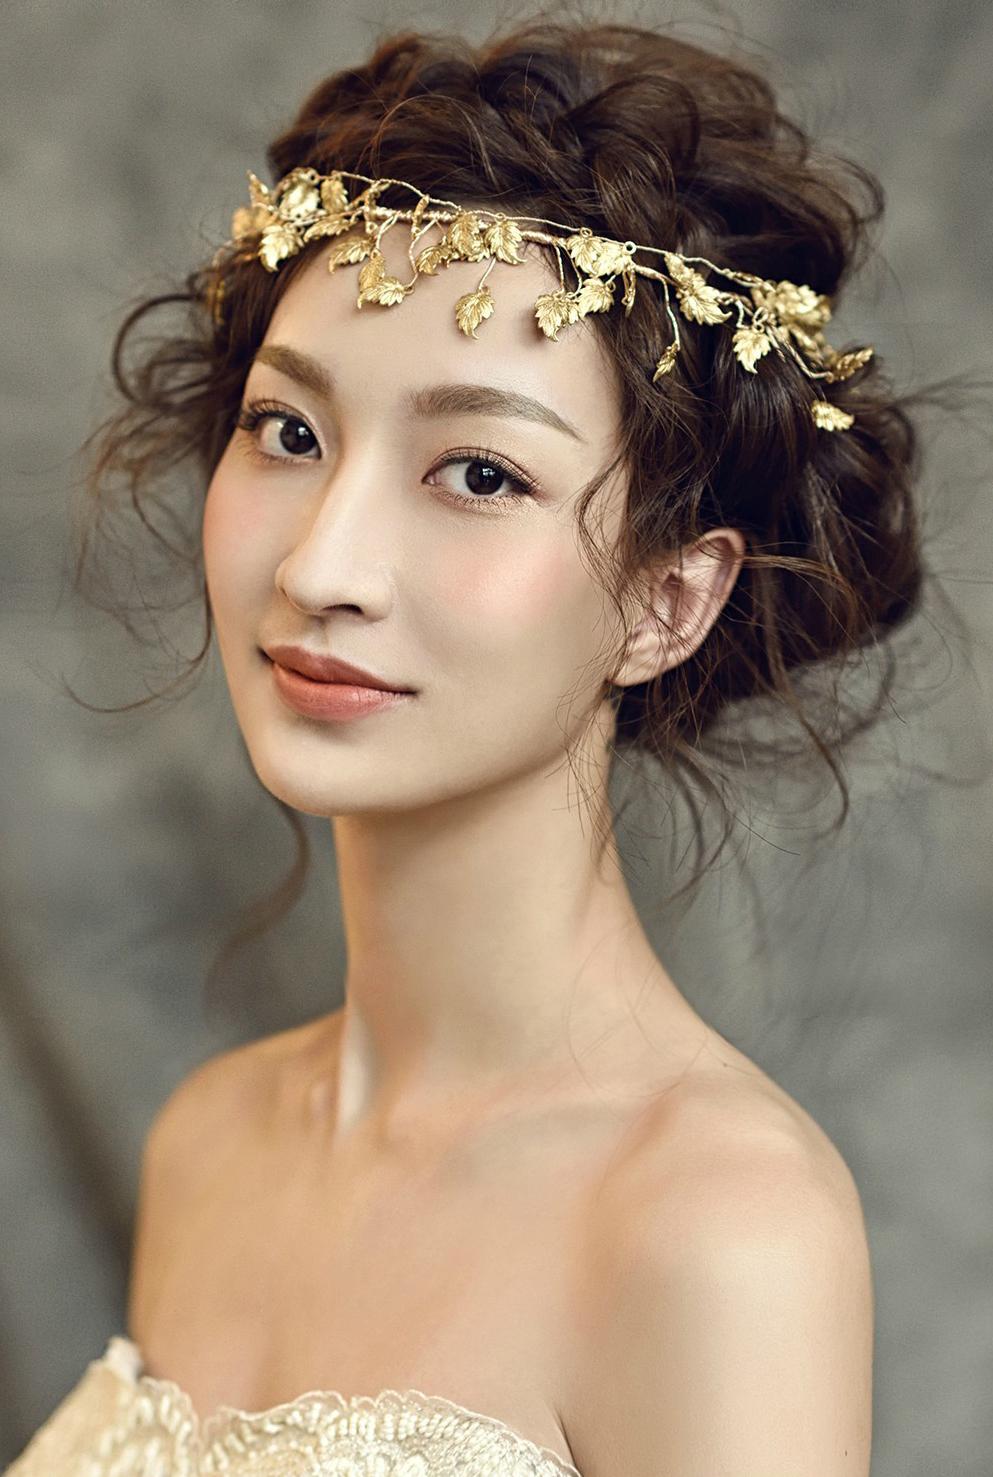 新娘造型妆容与波西米亚风格造型图片